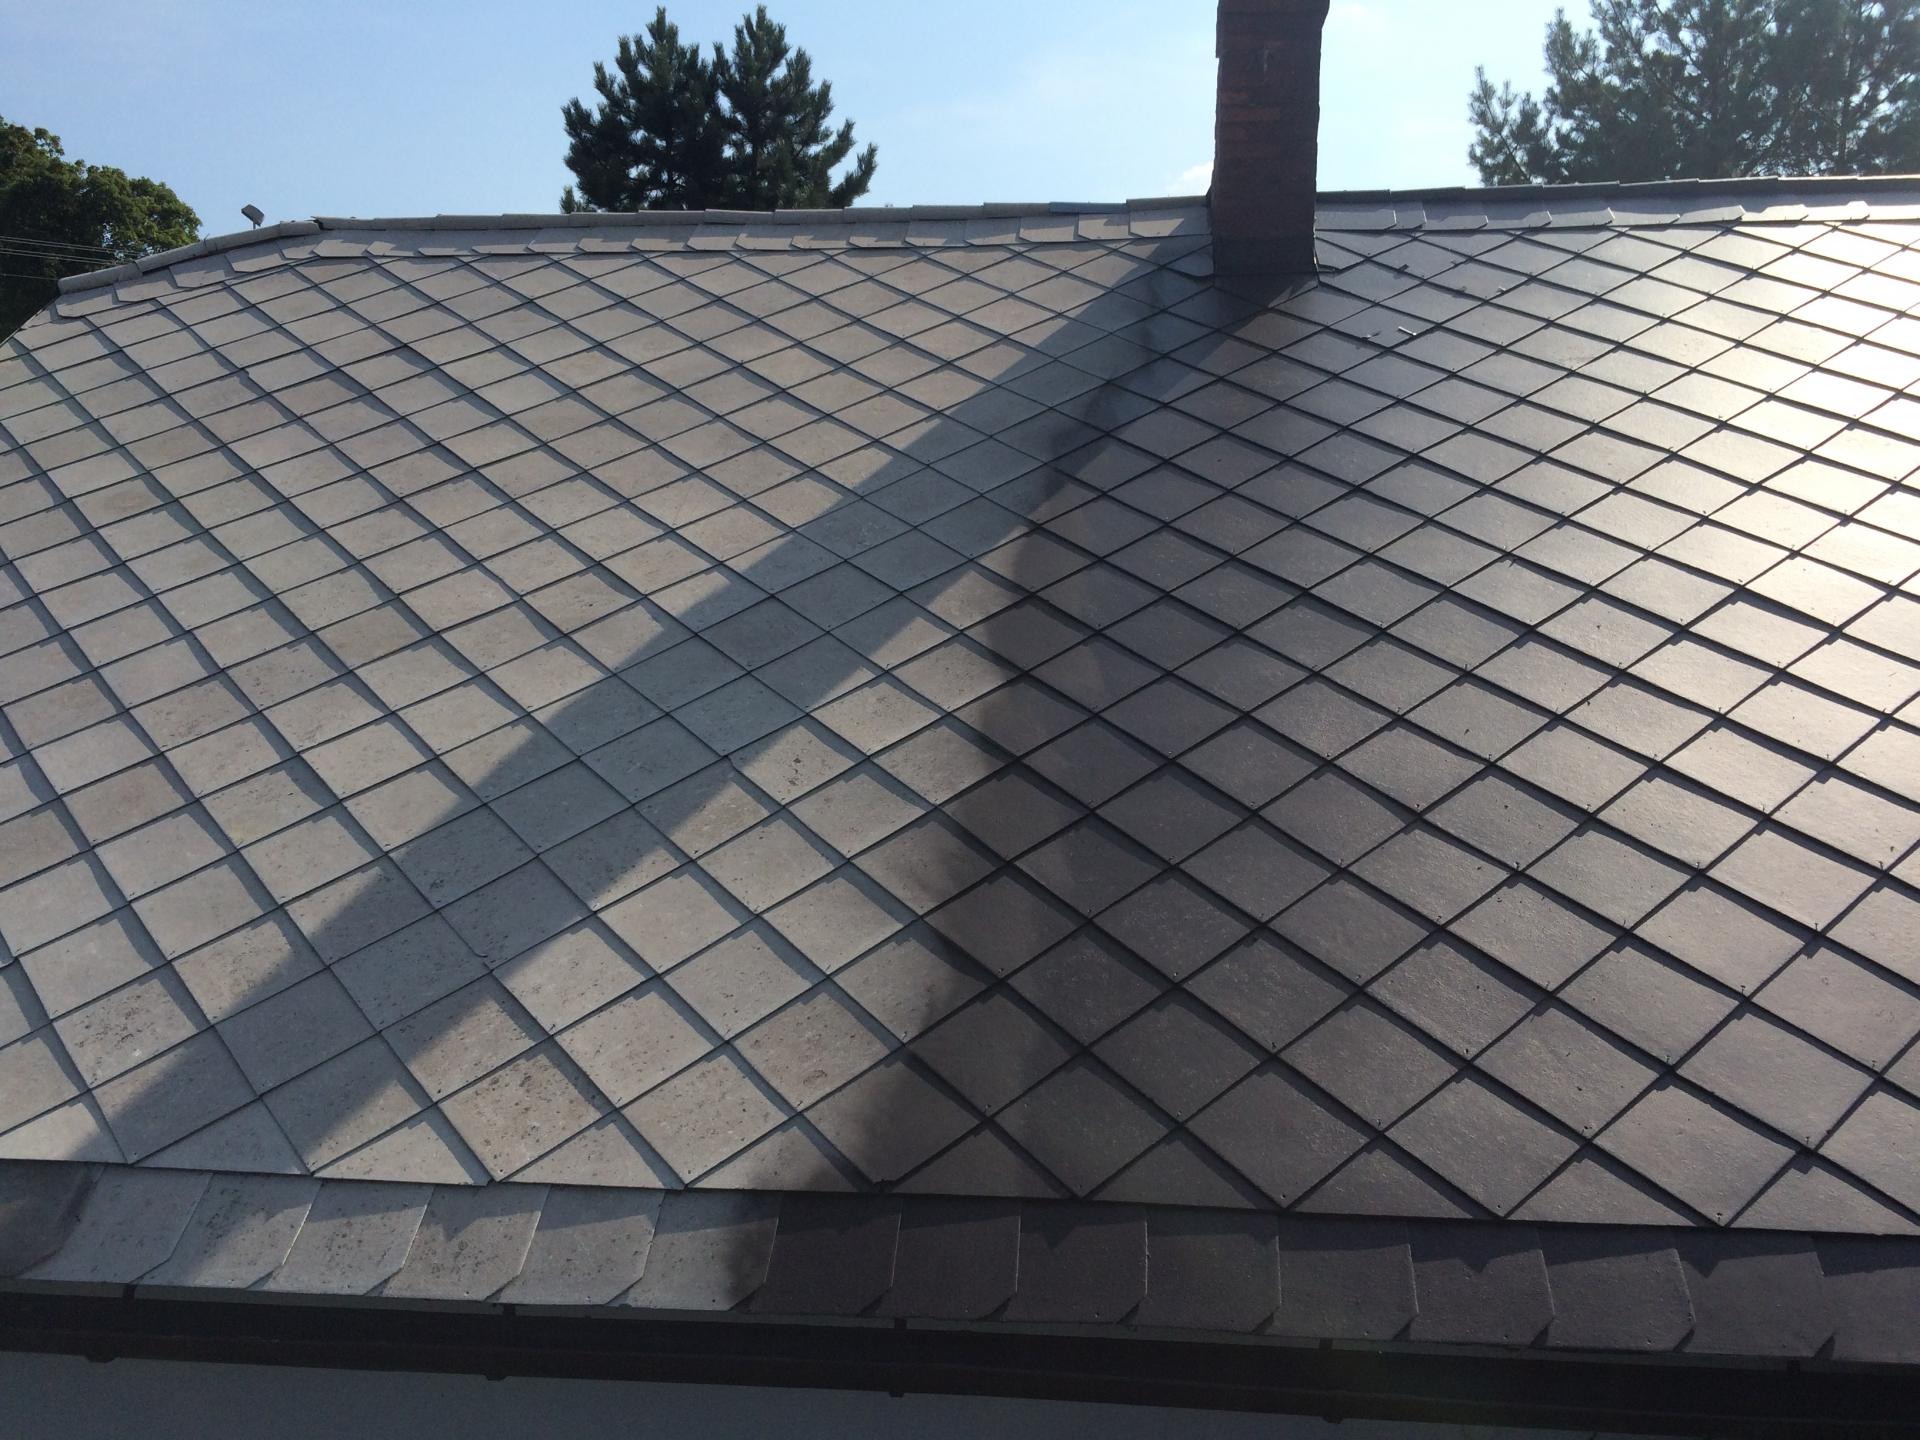 čištění střechy a mytí fasád